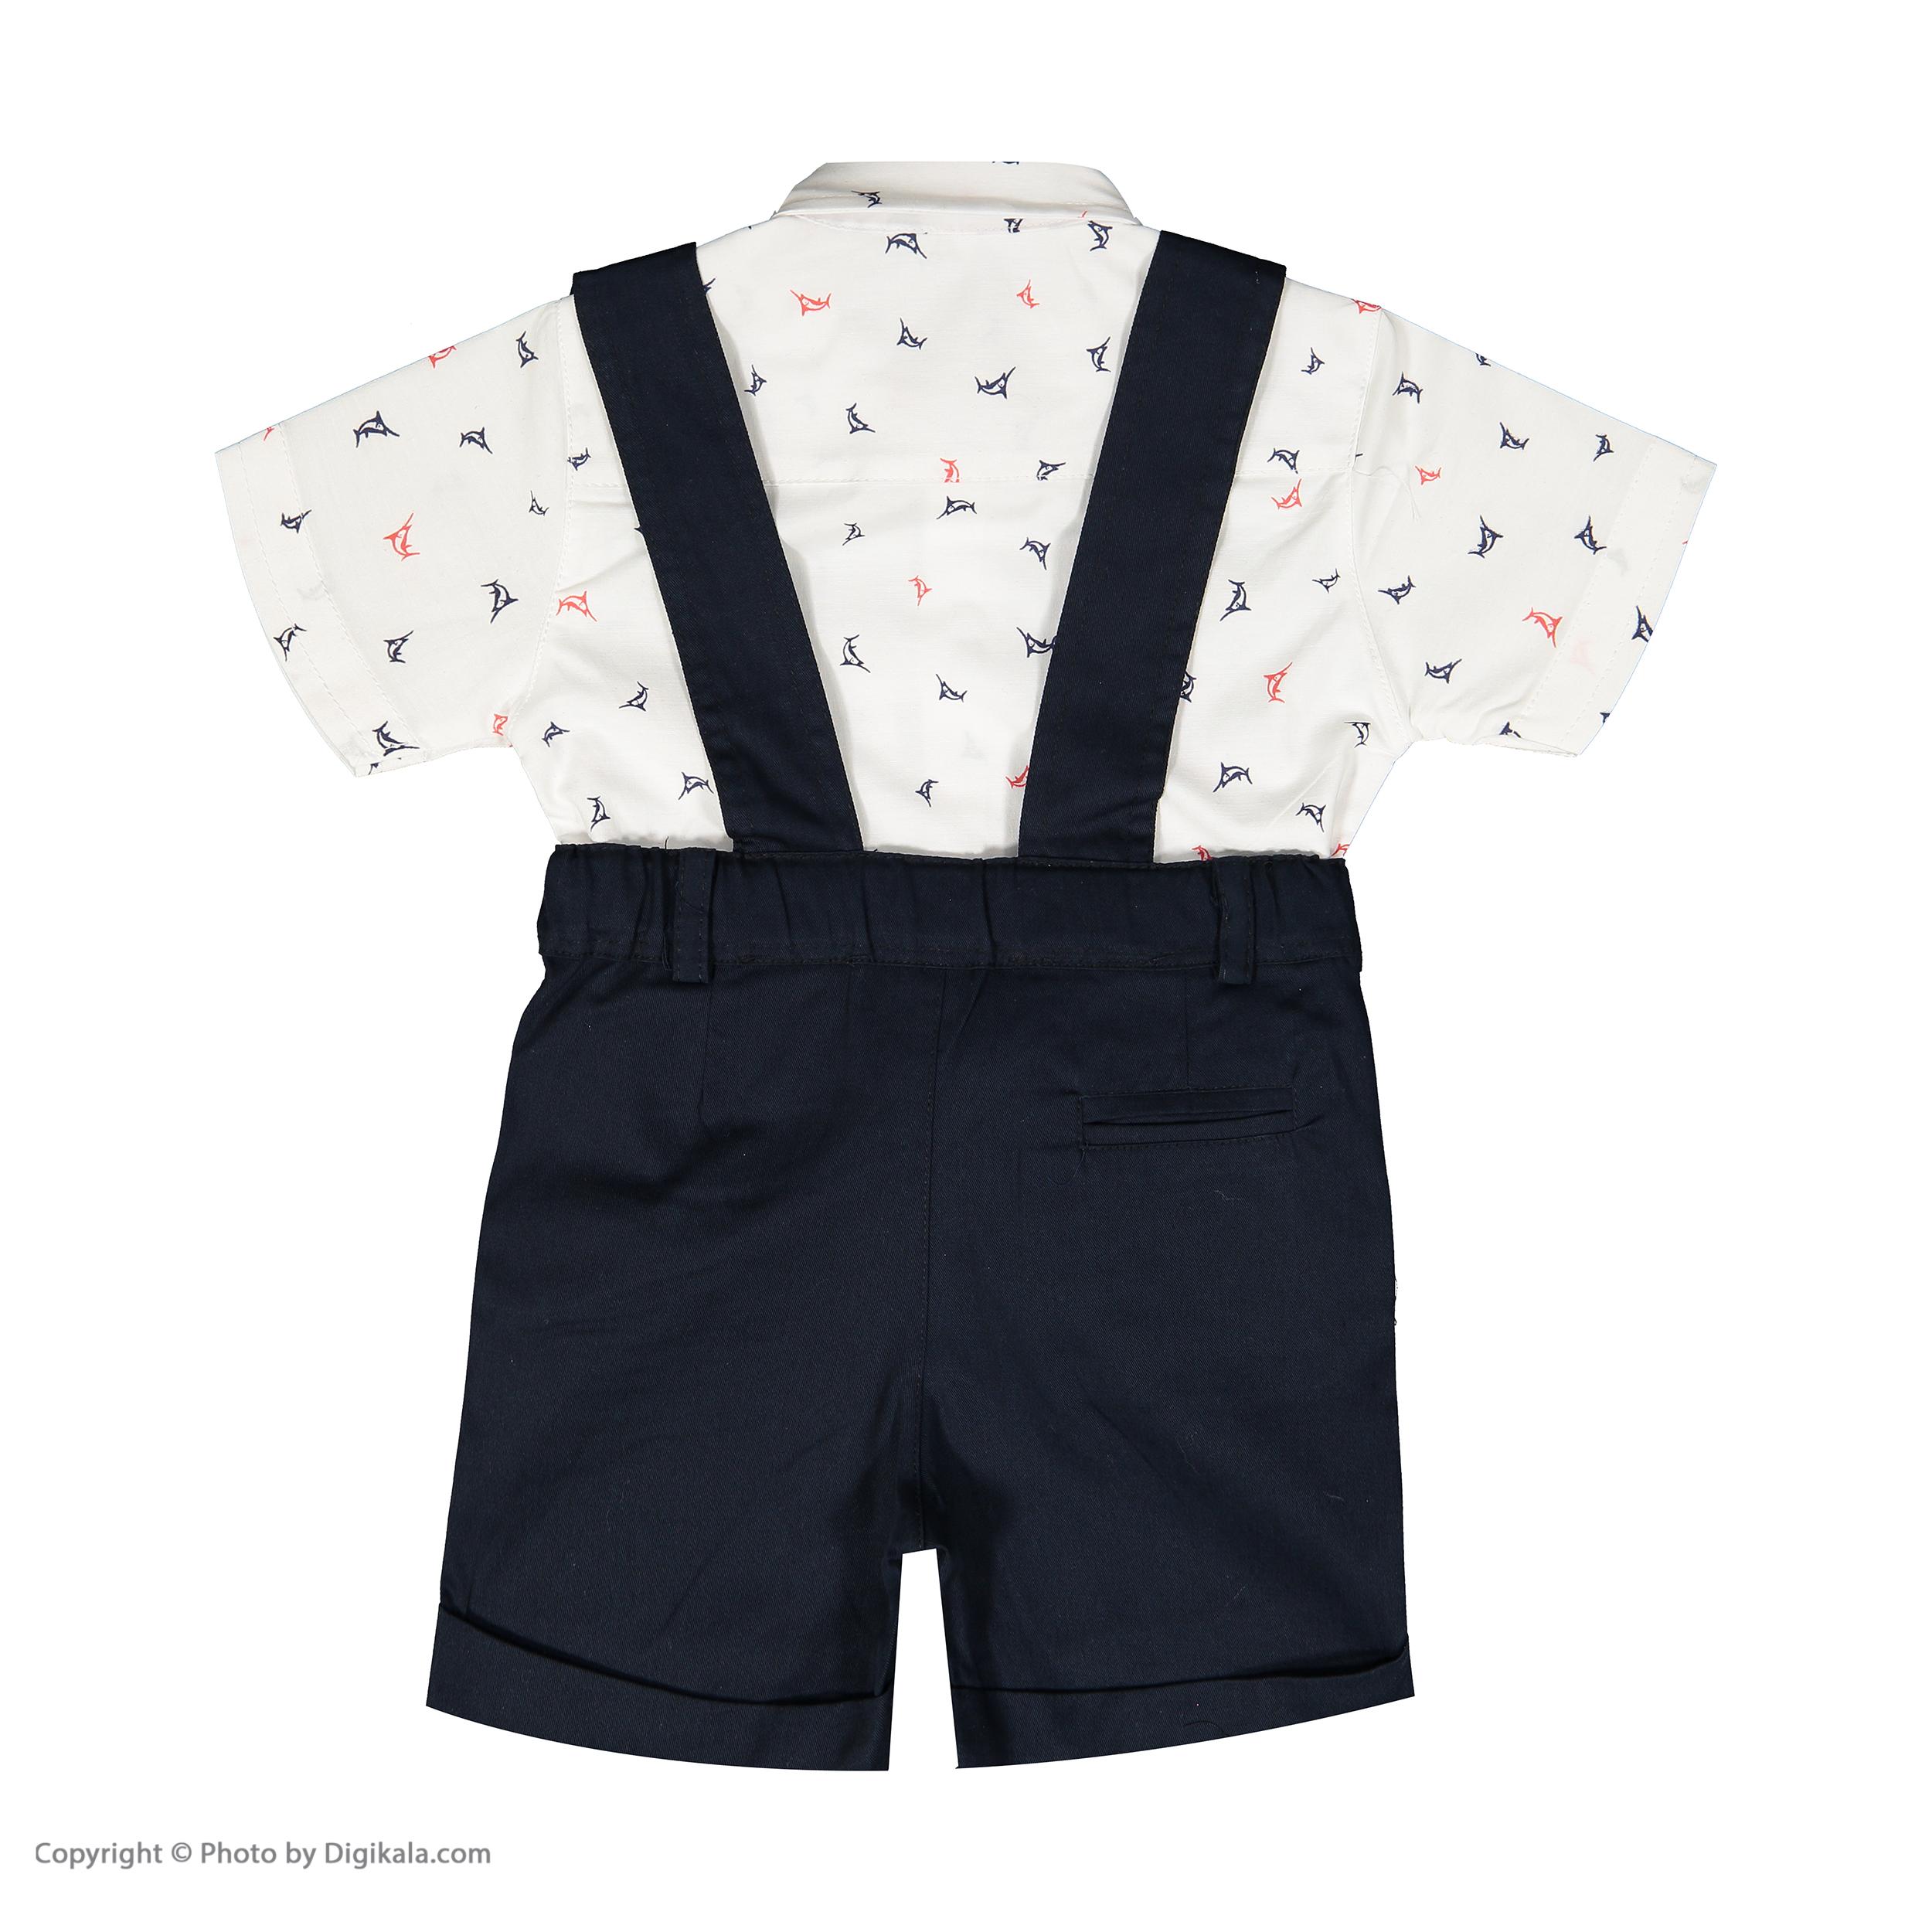 ست پیراهن و شلوارک نوزادی پسرانه فیورلا مدل 2091134-59